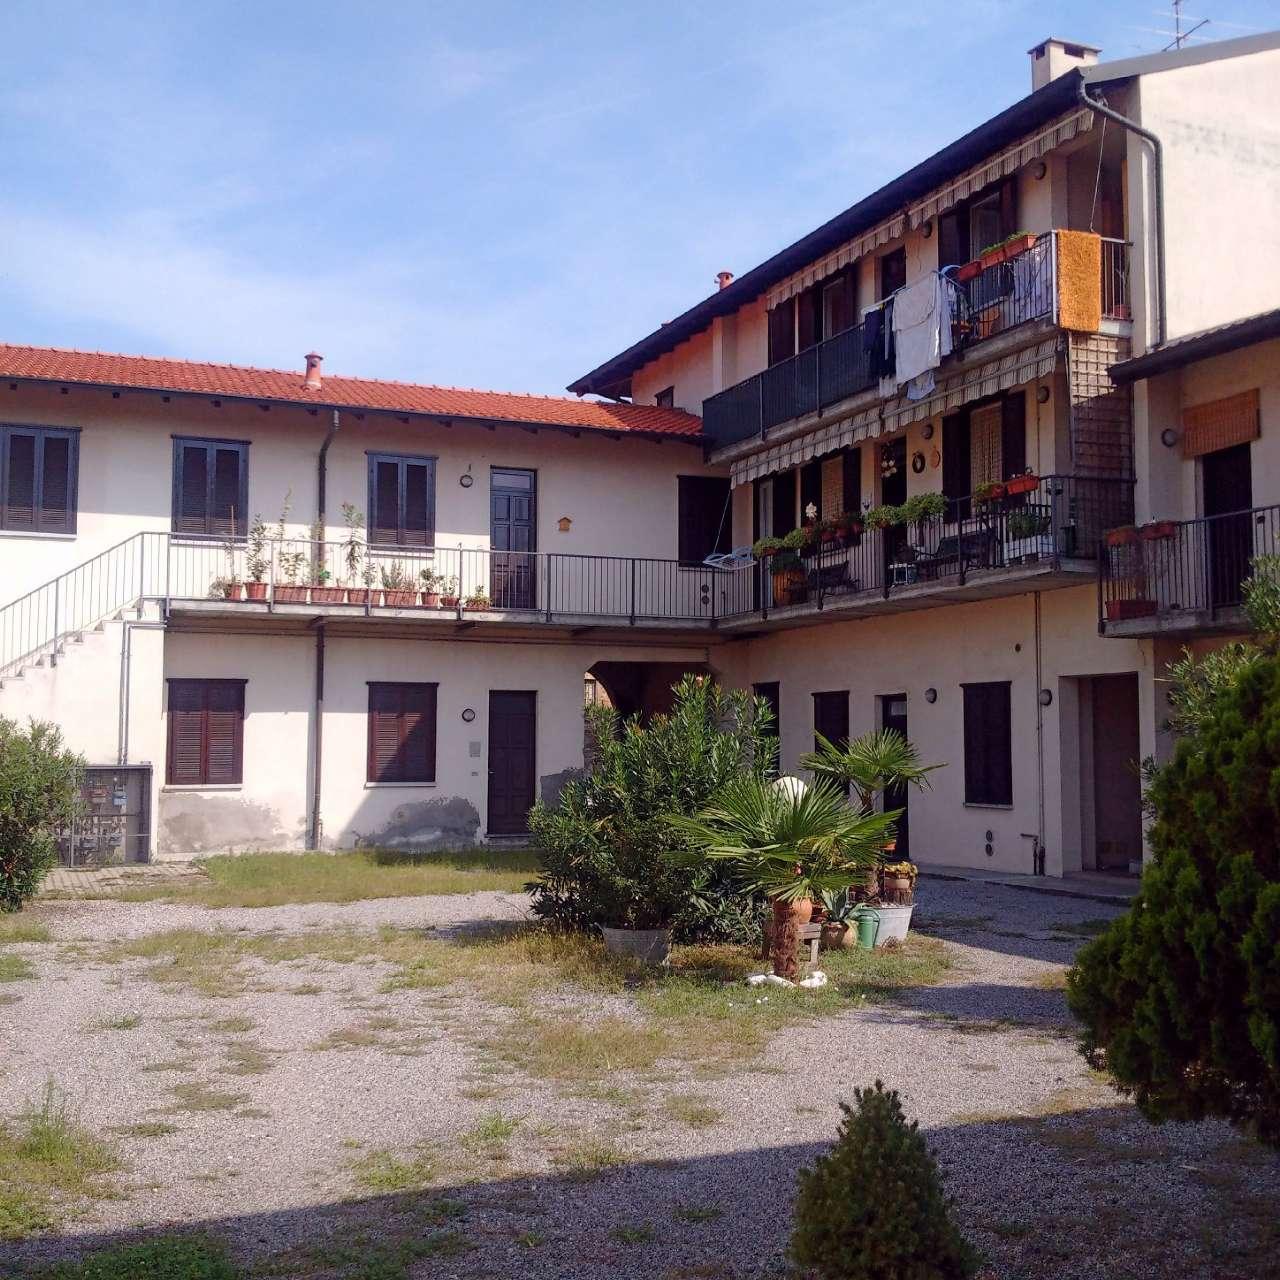 Appartamento in vendita a Gorla Minore, 2 locali, Trattative riservate | CambioCasa.it